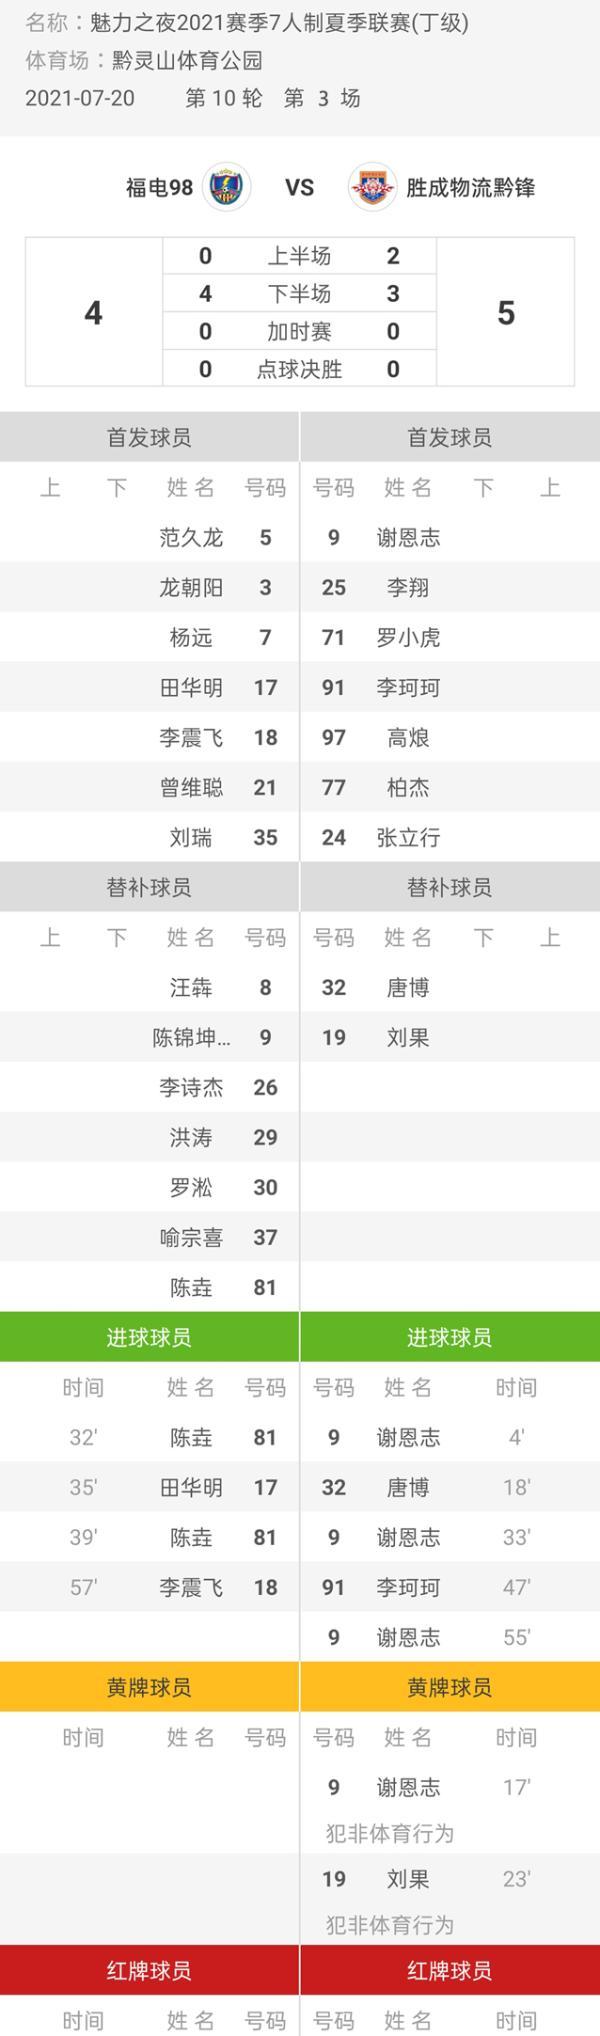 魅力之夜2021赛季7人制足球夏季联赛 胜成物流黔锋5-4福电98